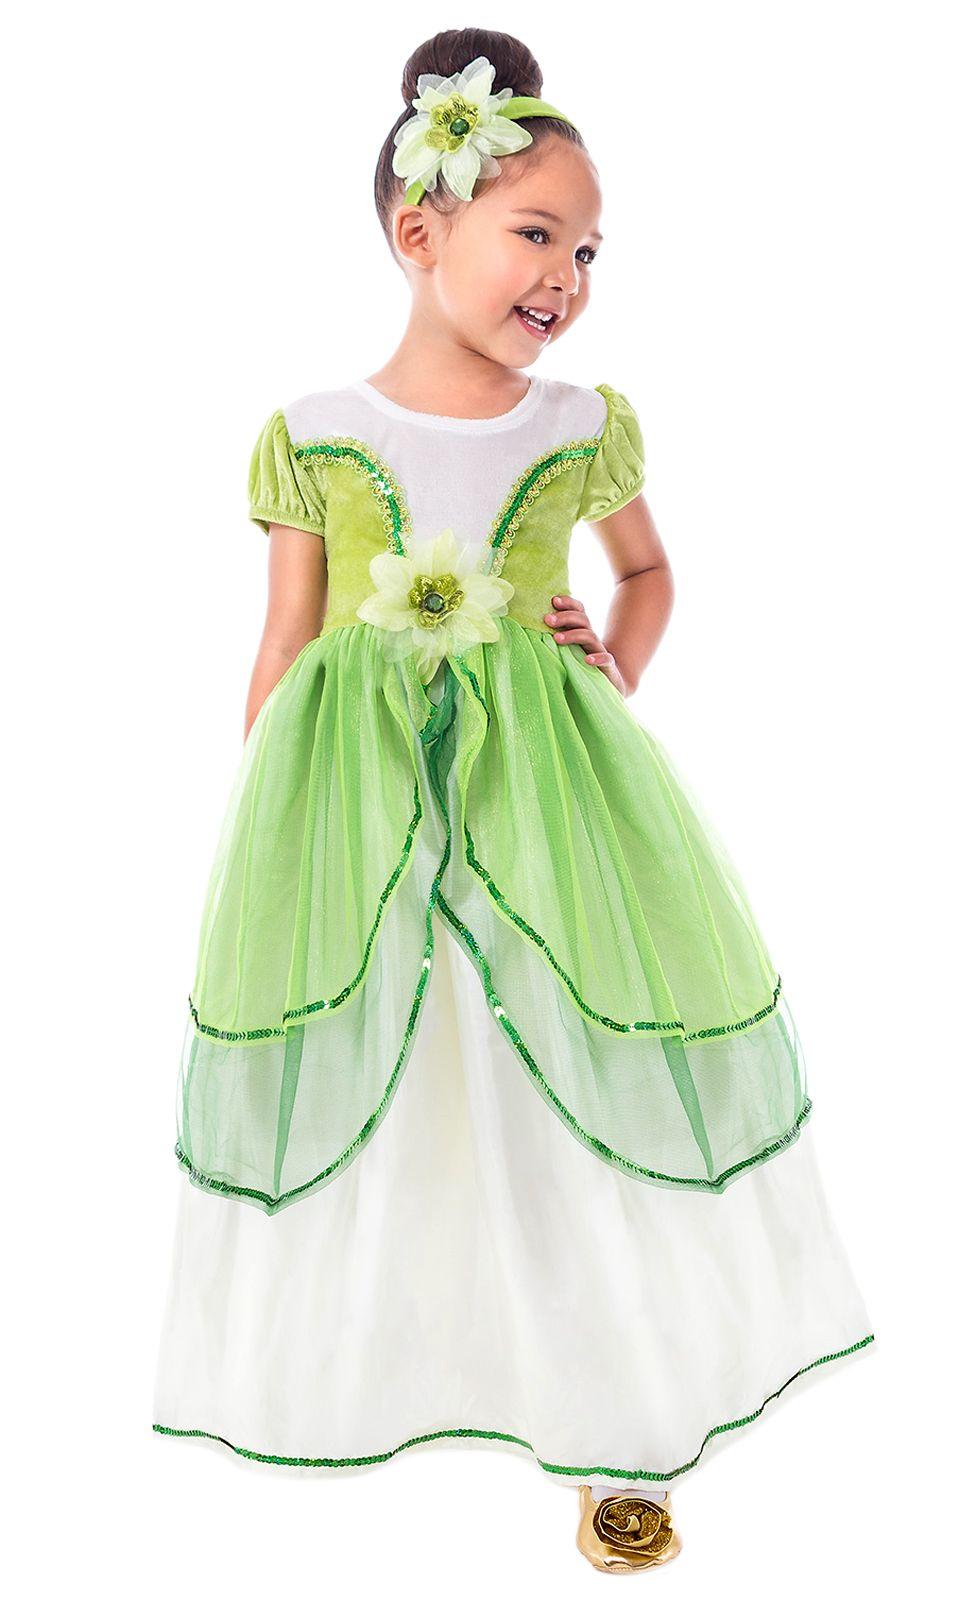 Frog Princess Tiana Replica Dress Up Costume Princess Tiana Dress Princess Costumes Girls Dress Up